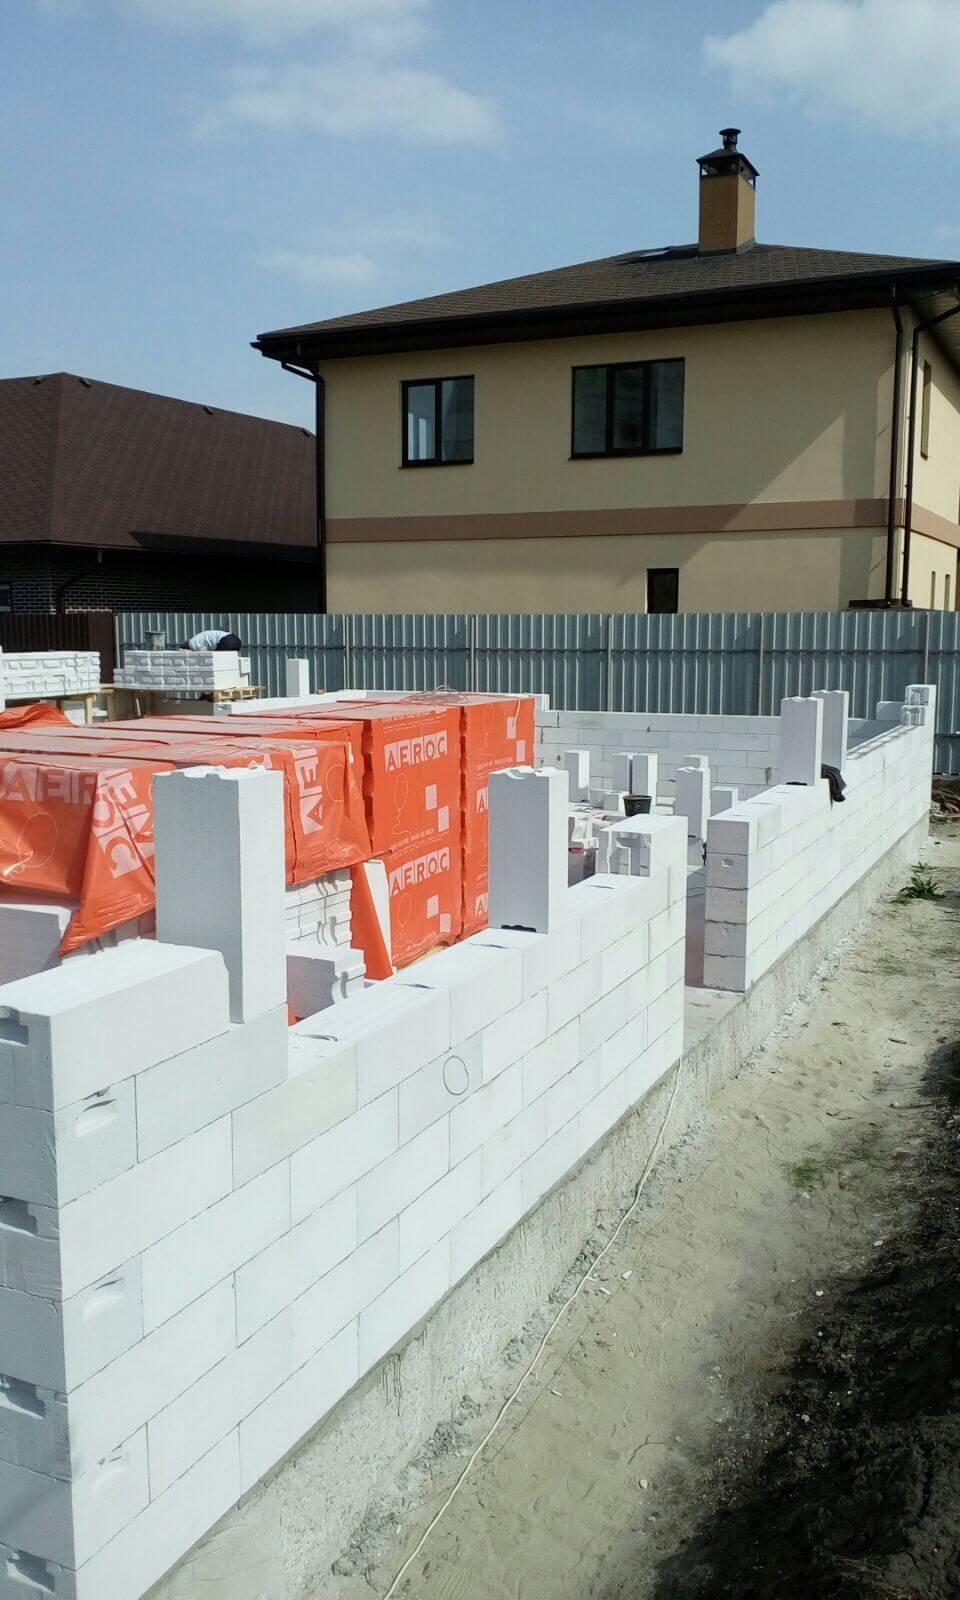 Может кто-нибудь подсказать строительную компанию, которая может построить дом из газобетона.